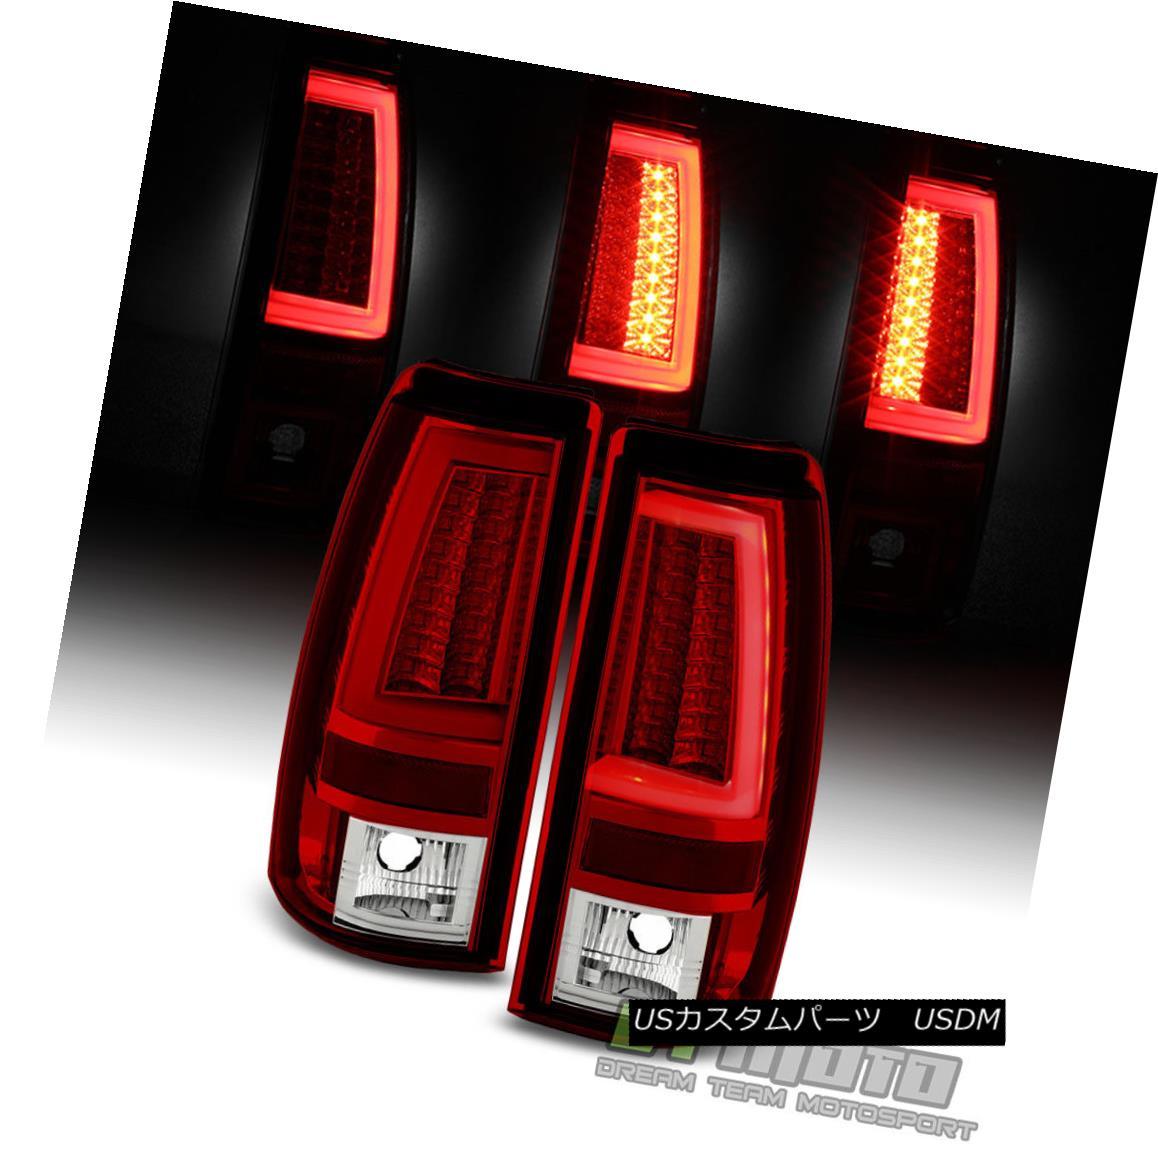 テールライト [Neon Pyro Tube] 2003-2006 Chevy Silverado Red Clear LED Tail Lights Brake Lamps [ネオンパイロチューブ] 2003-2006シボレーシルバラードレッドクリアLEDテールライトブレーキランプ